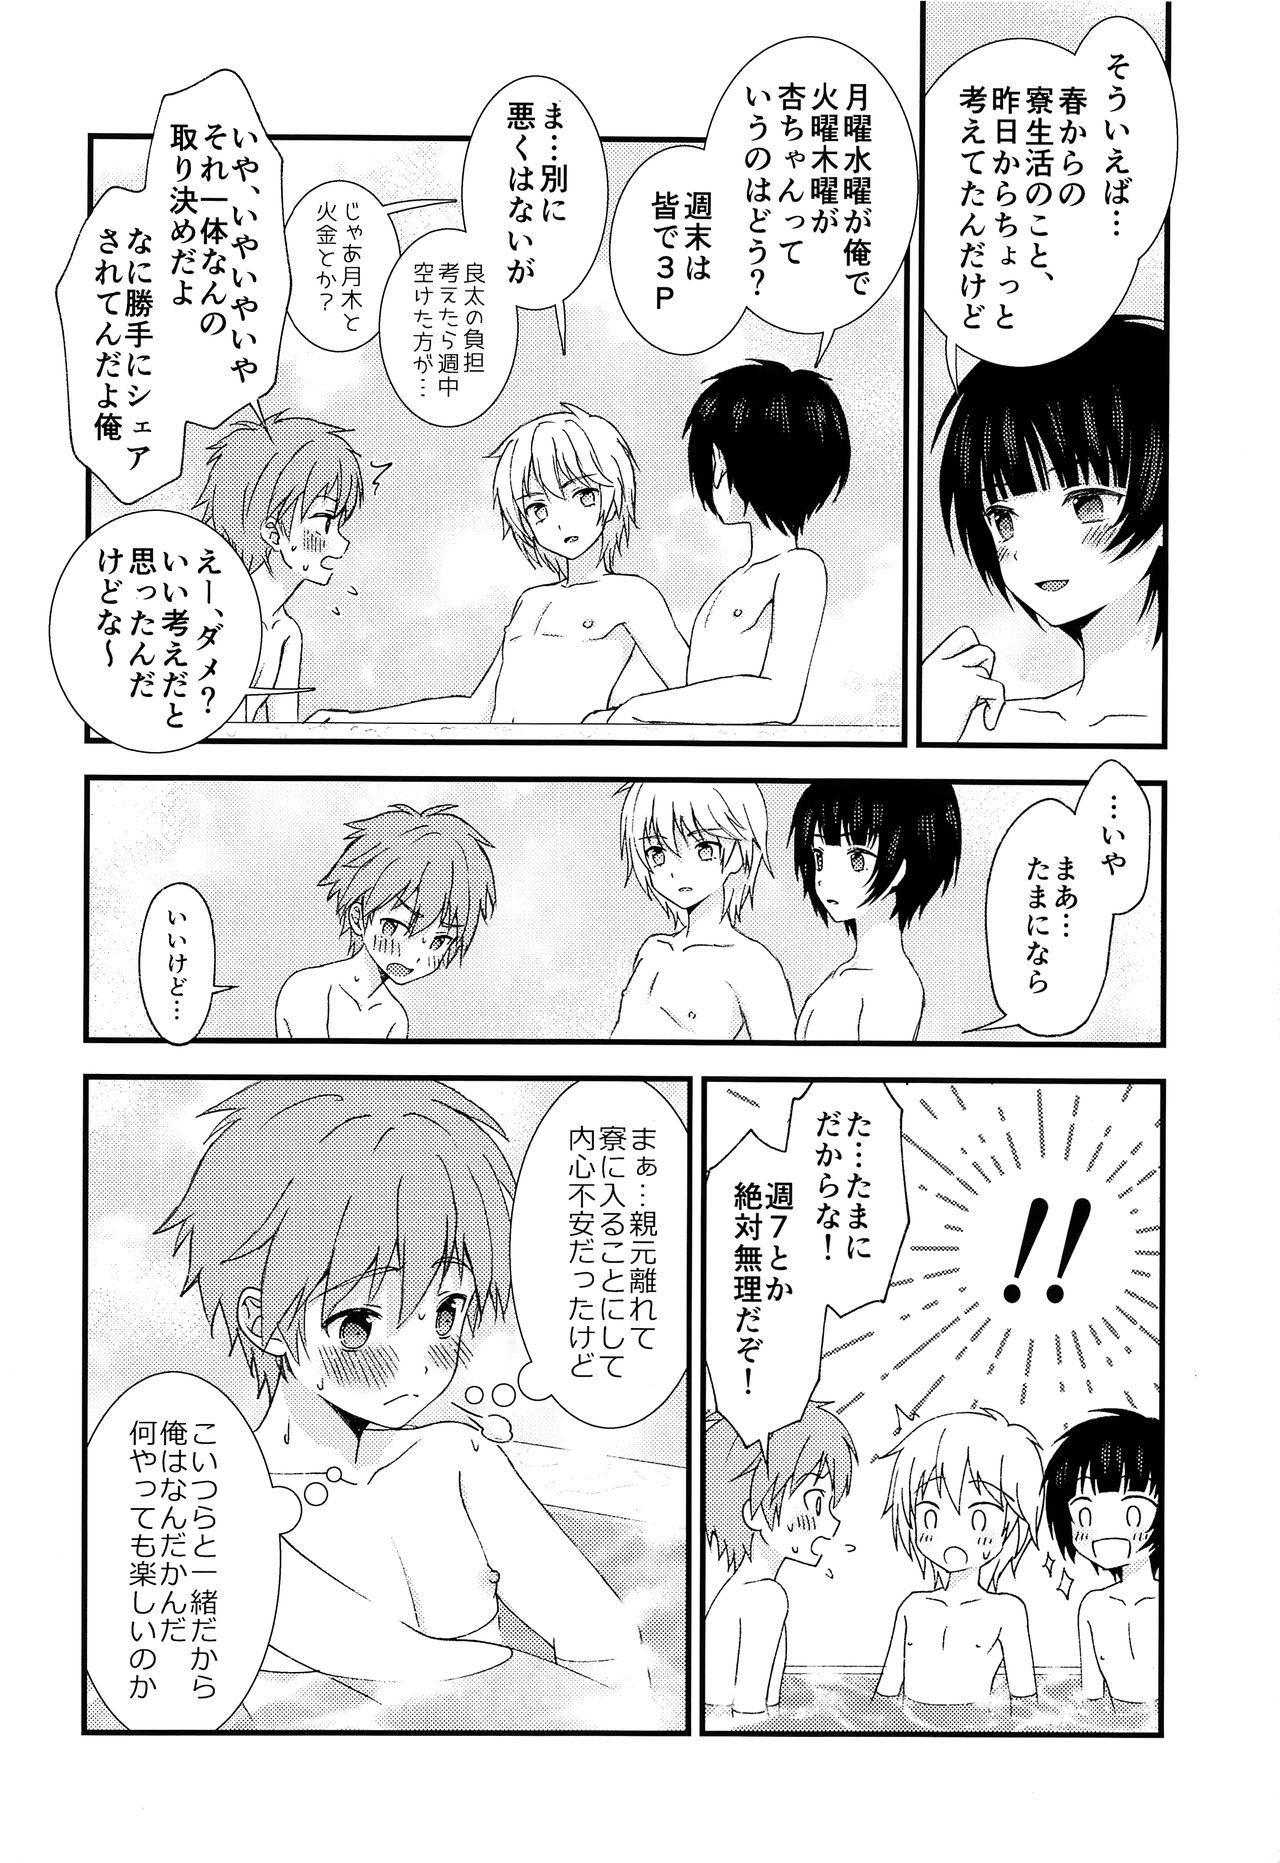 Nagasare 3P Sotsugyou Ryokou 18